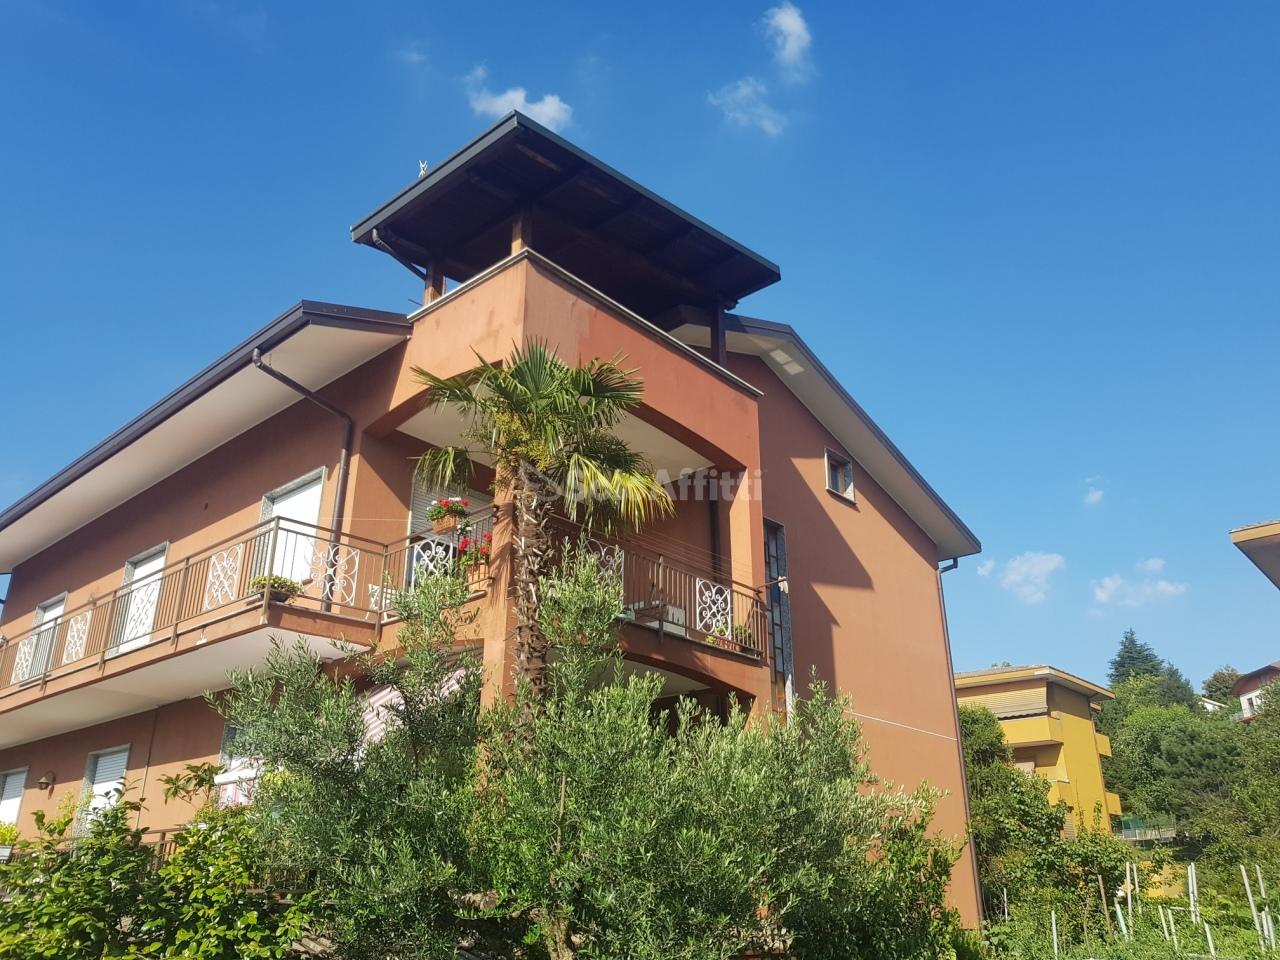 Appartamento in affitto a Lipomo, 3 locali, prezzo € 550   PortaleAgenzieImmobiliari.it